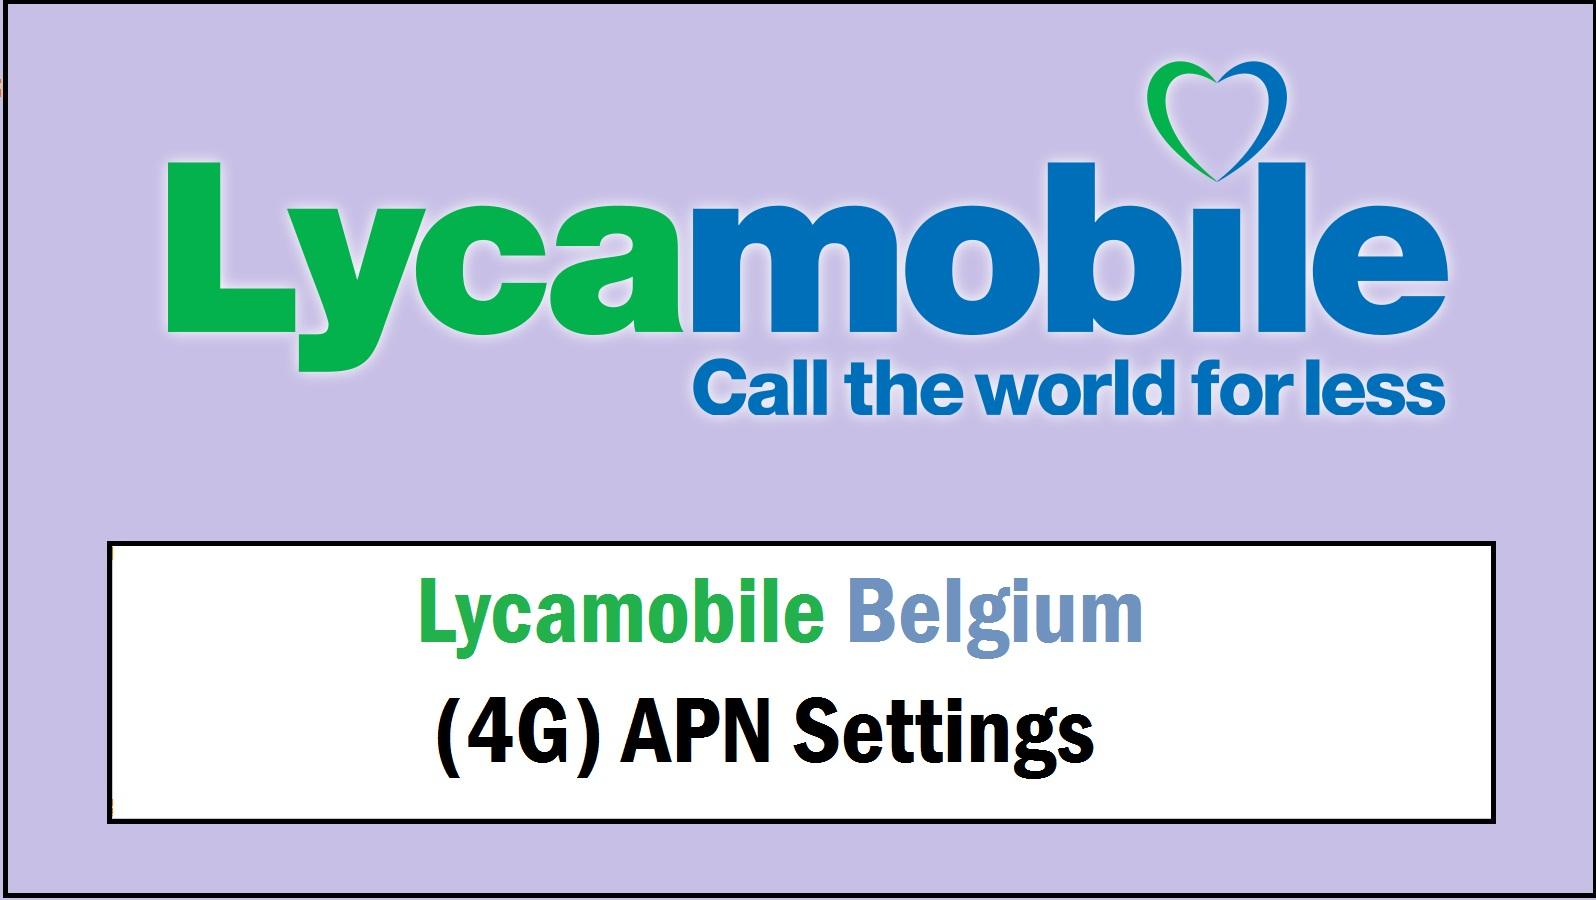 Lycamobile Belgium (4G) APN Settings